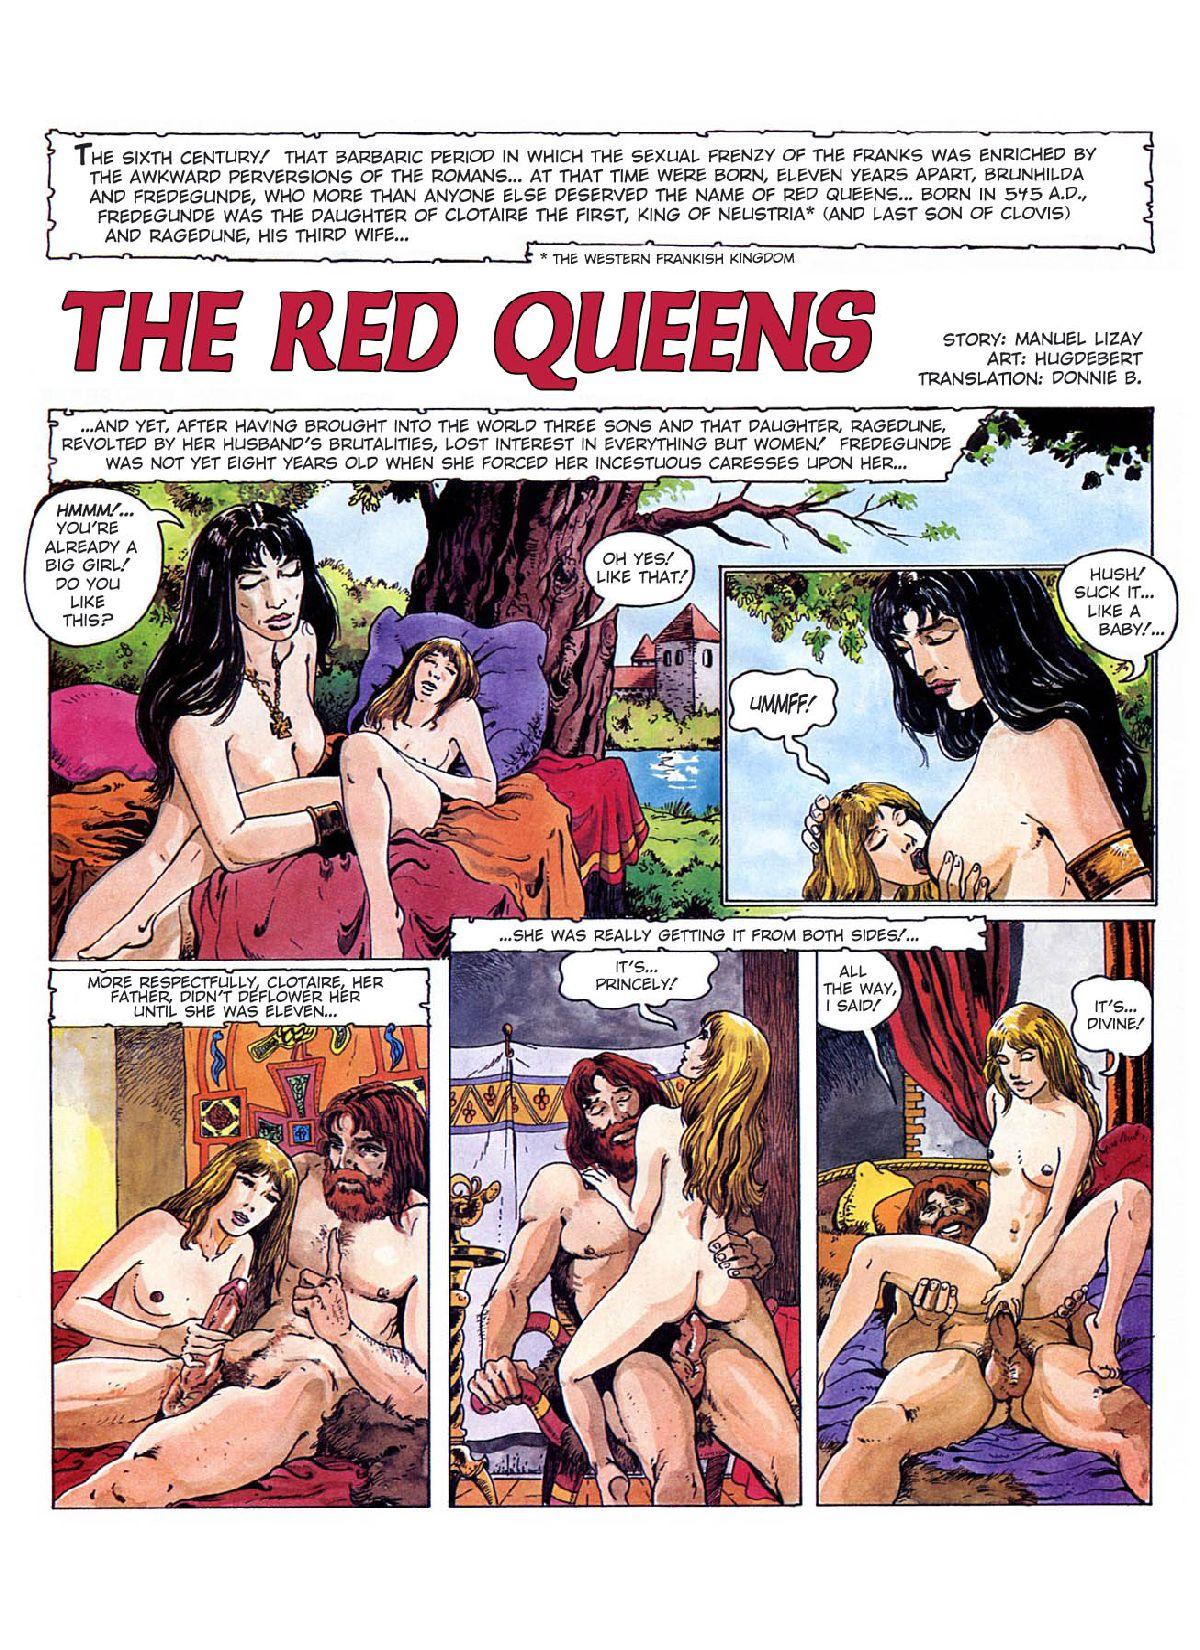 [Hugdebert] The Red Queens